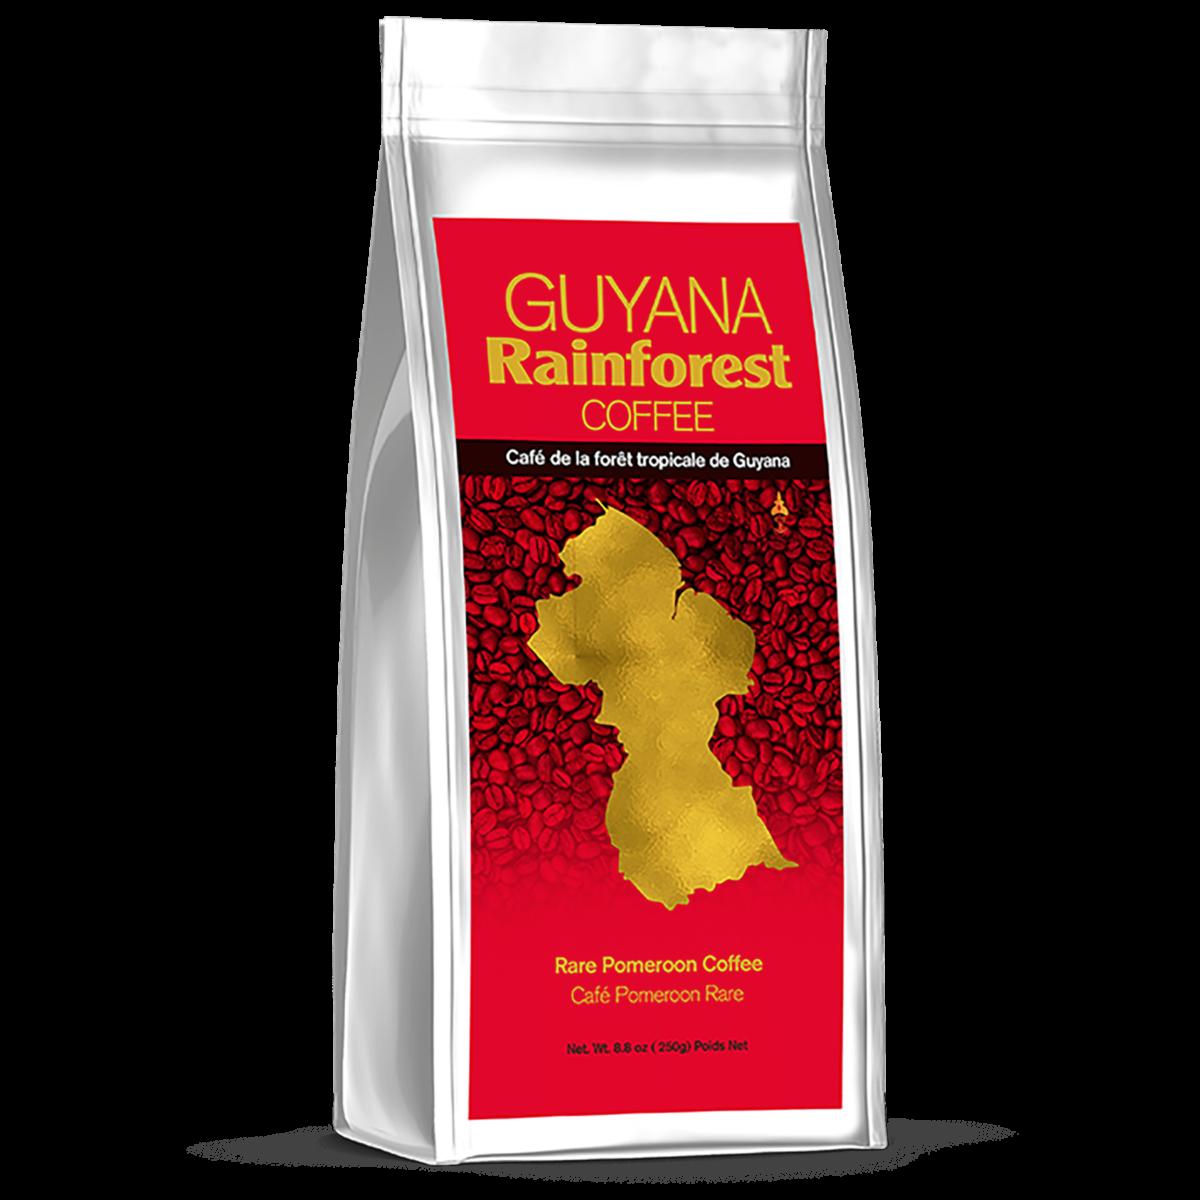 Guyana Rainforest Blend